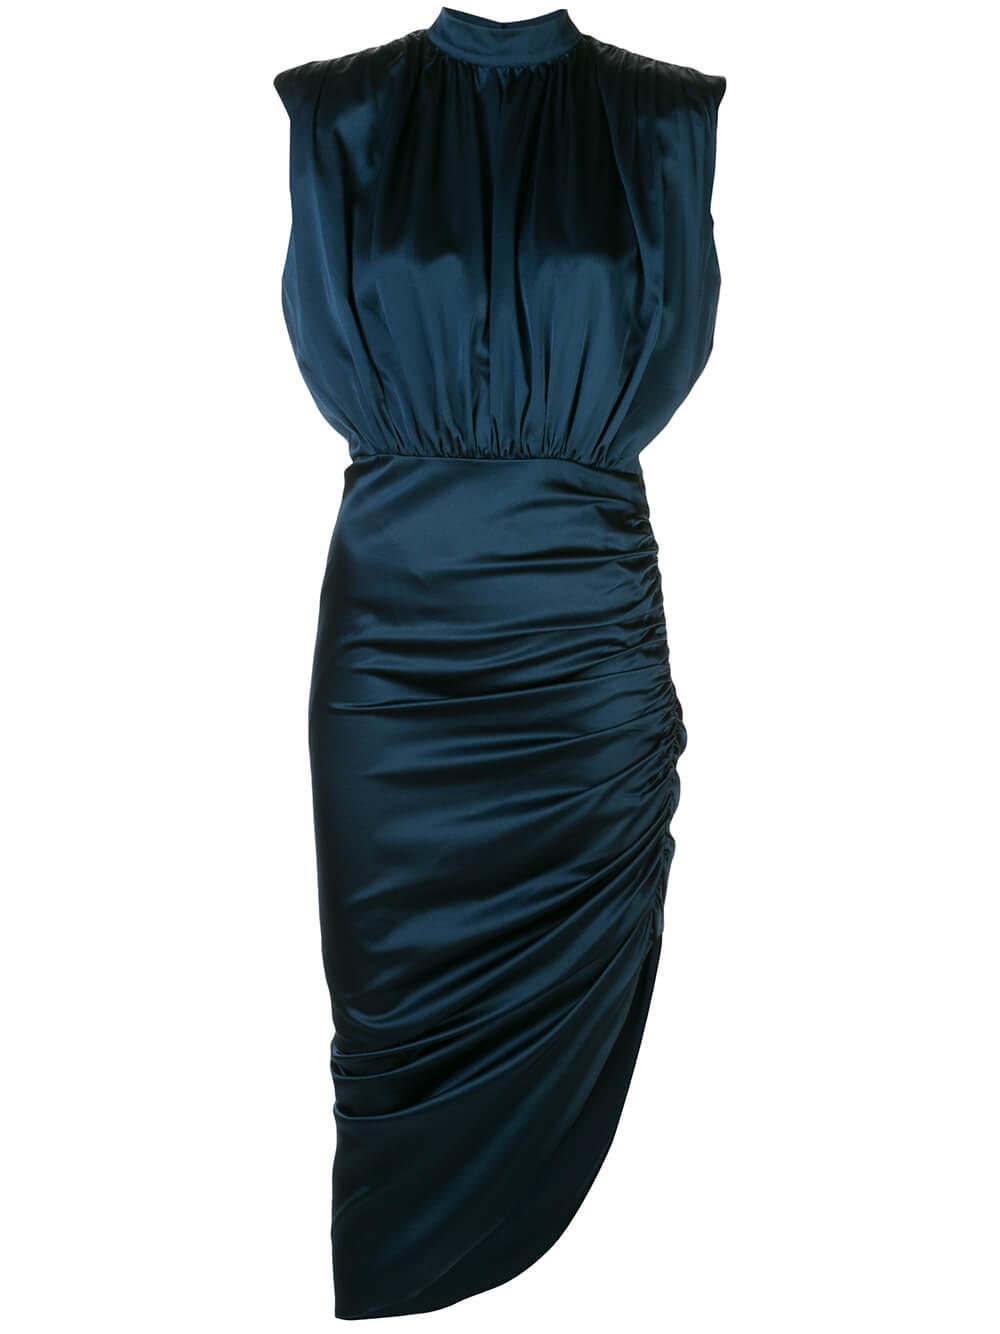 Kendall Cap Sleeve Mock Neck Midi Dress